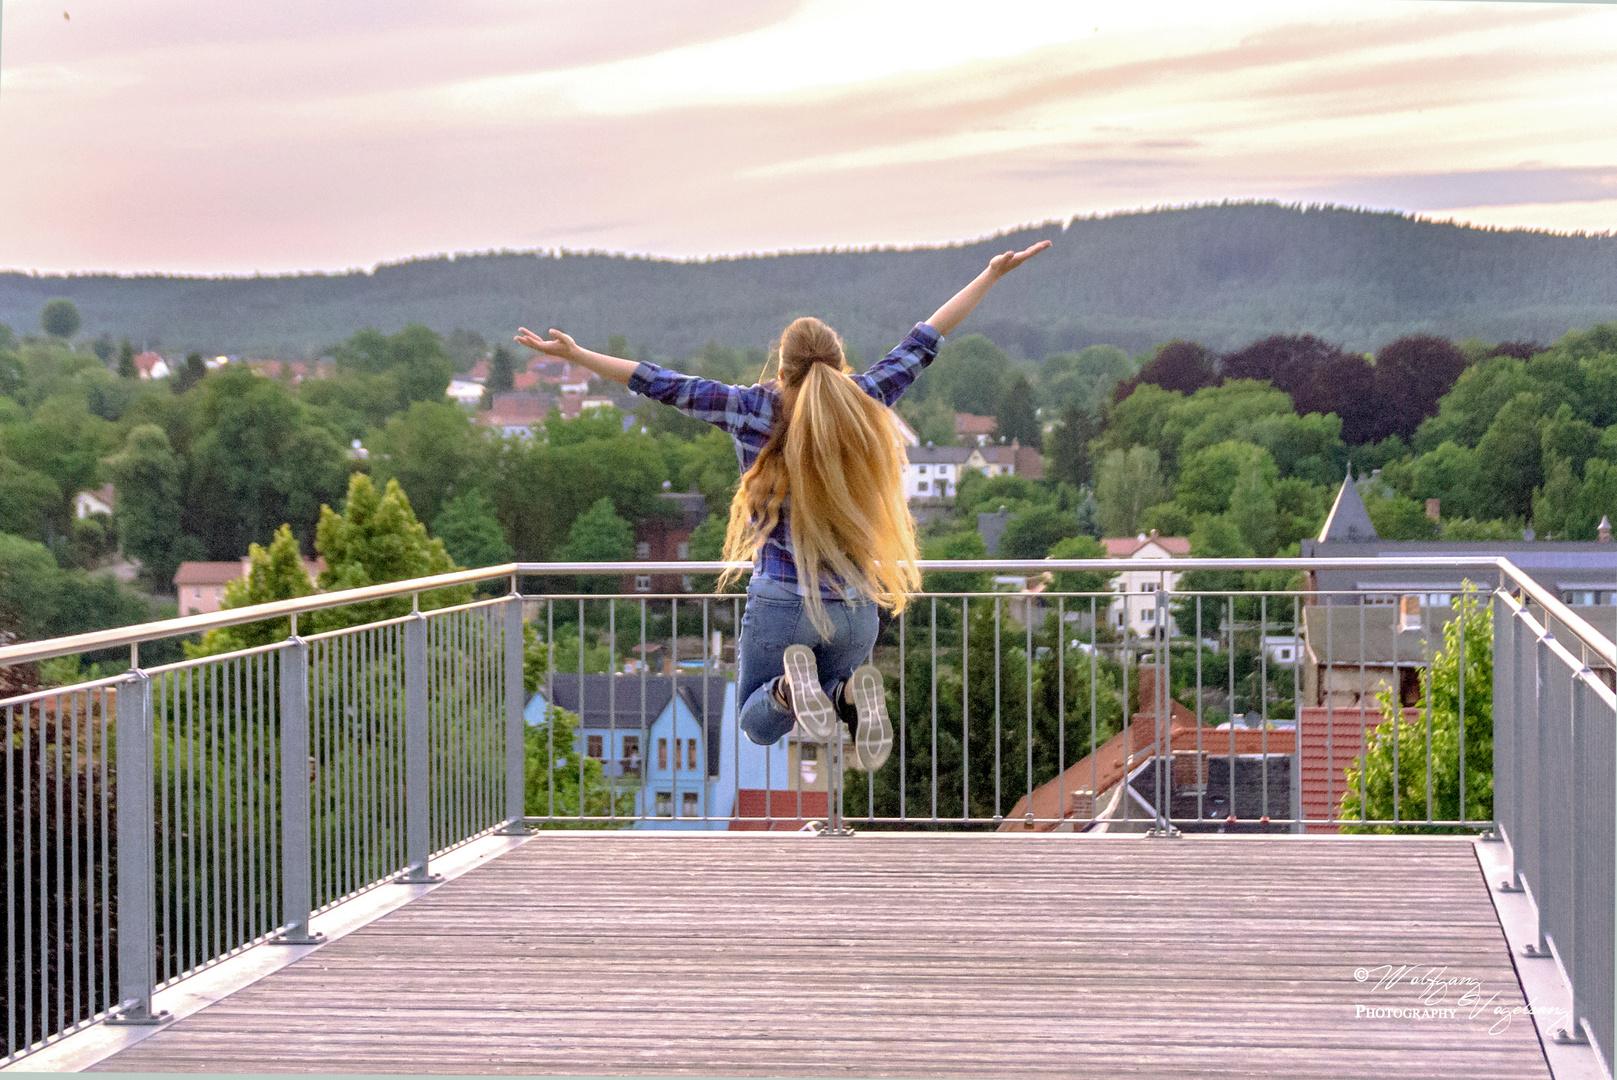 Endlich frei sein und das Leben genießen